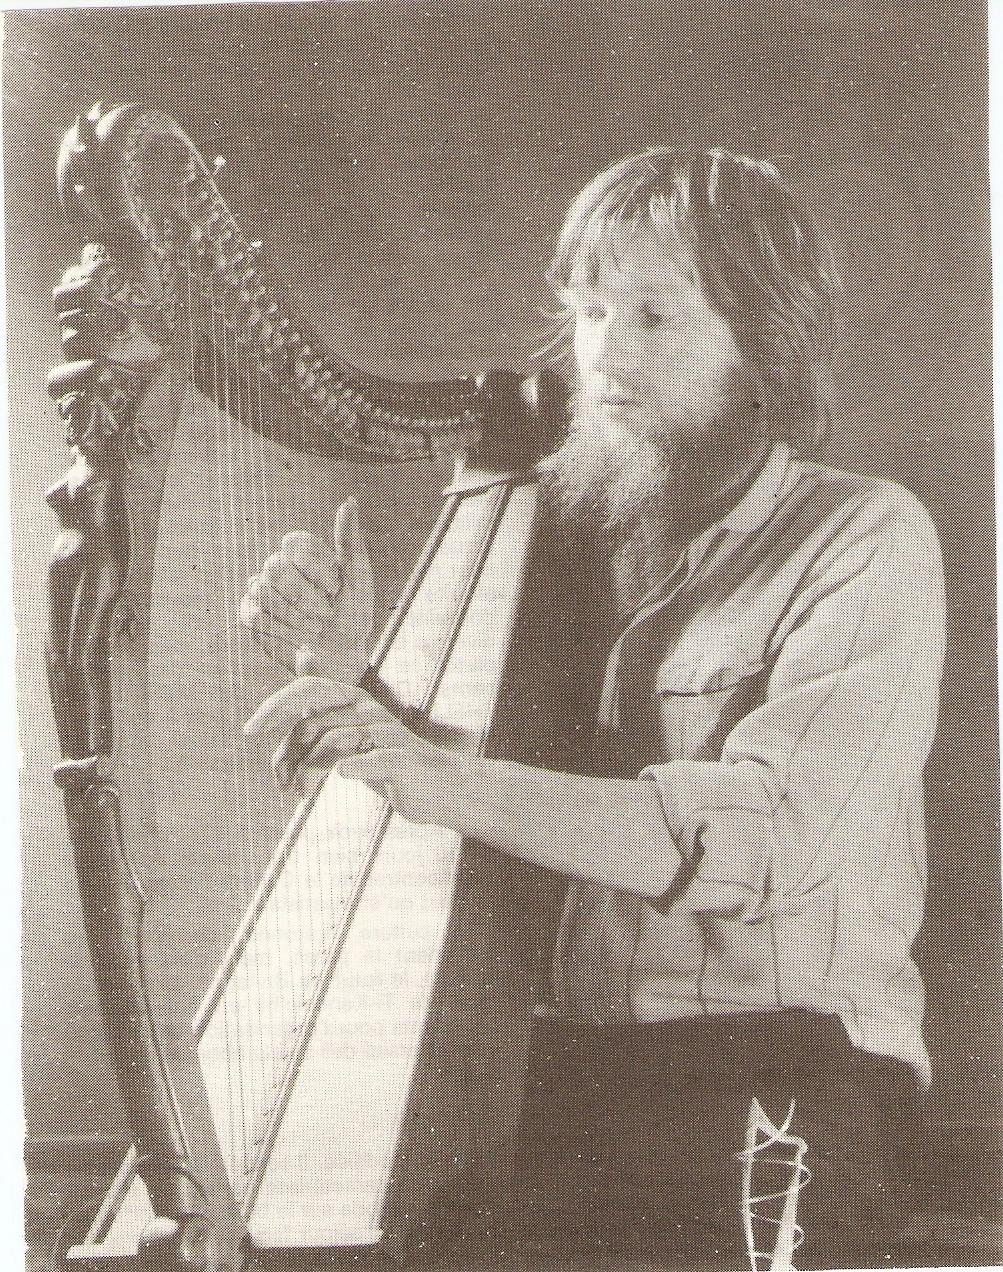 La harpe en film...? - Page 2 Numzor11